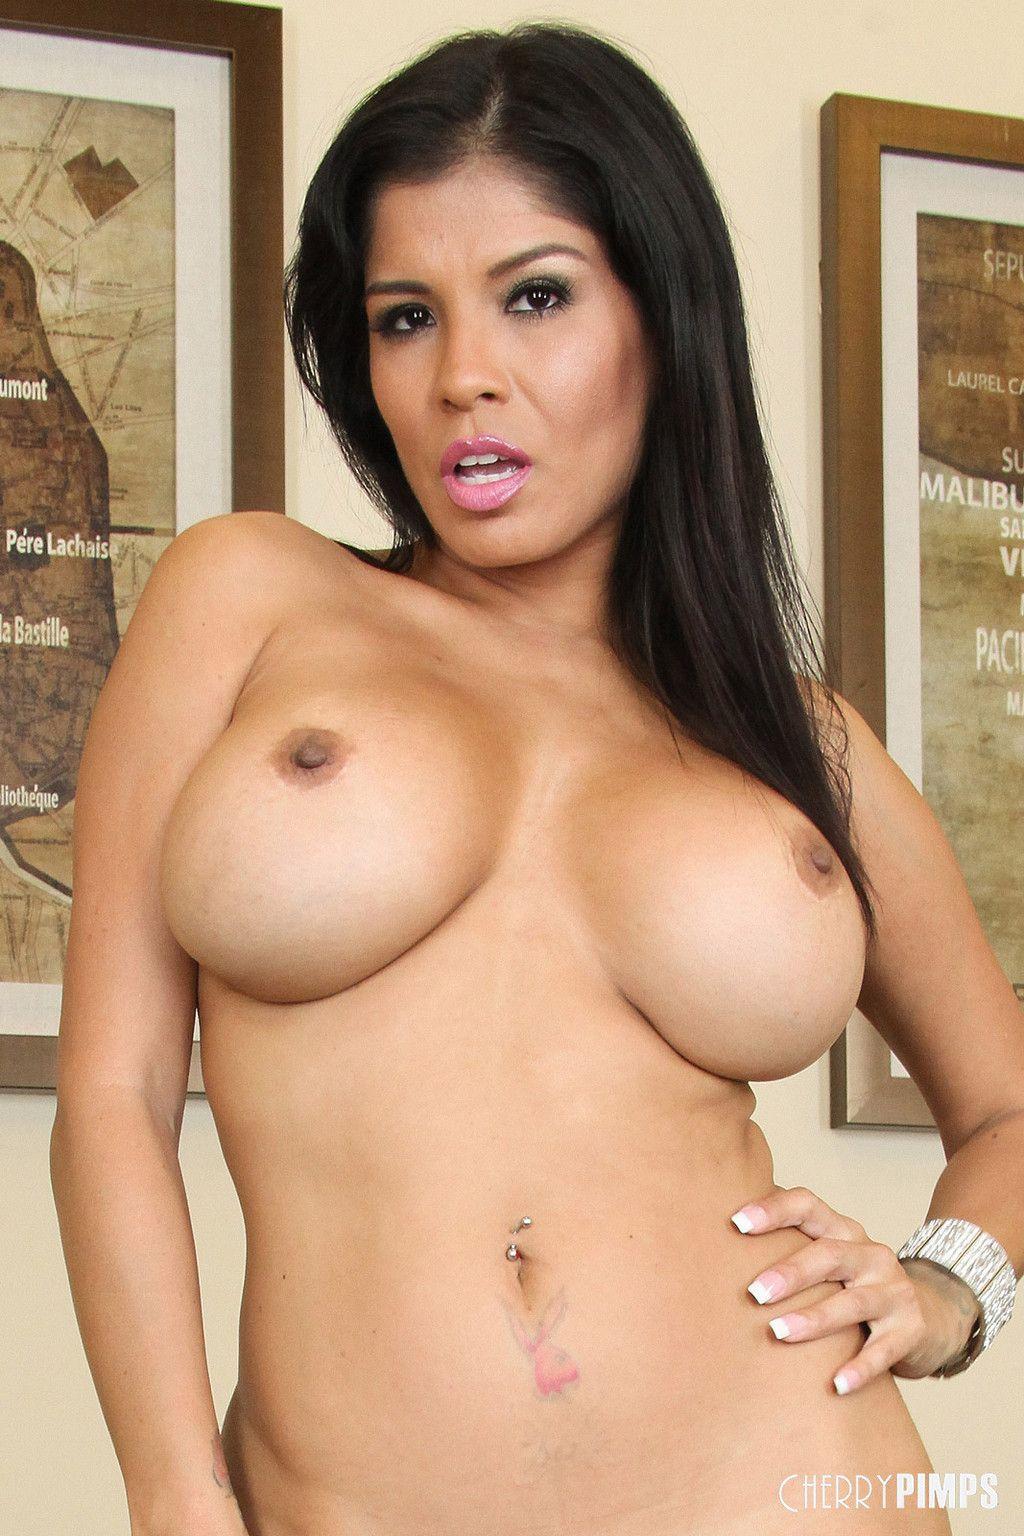 Girl next door playboy nude